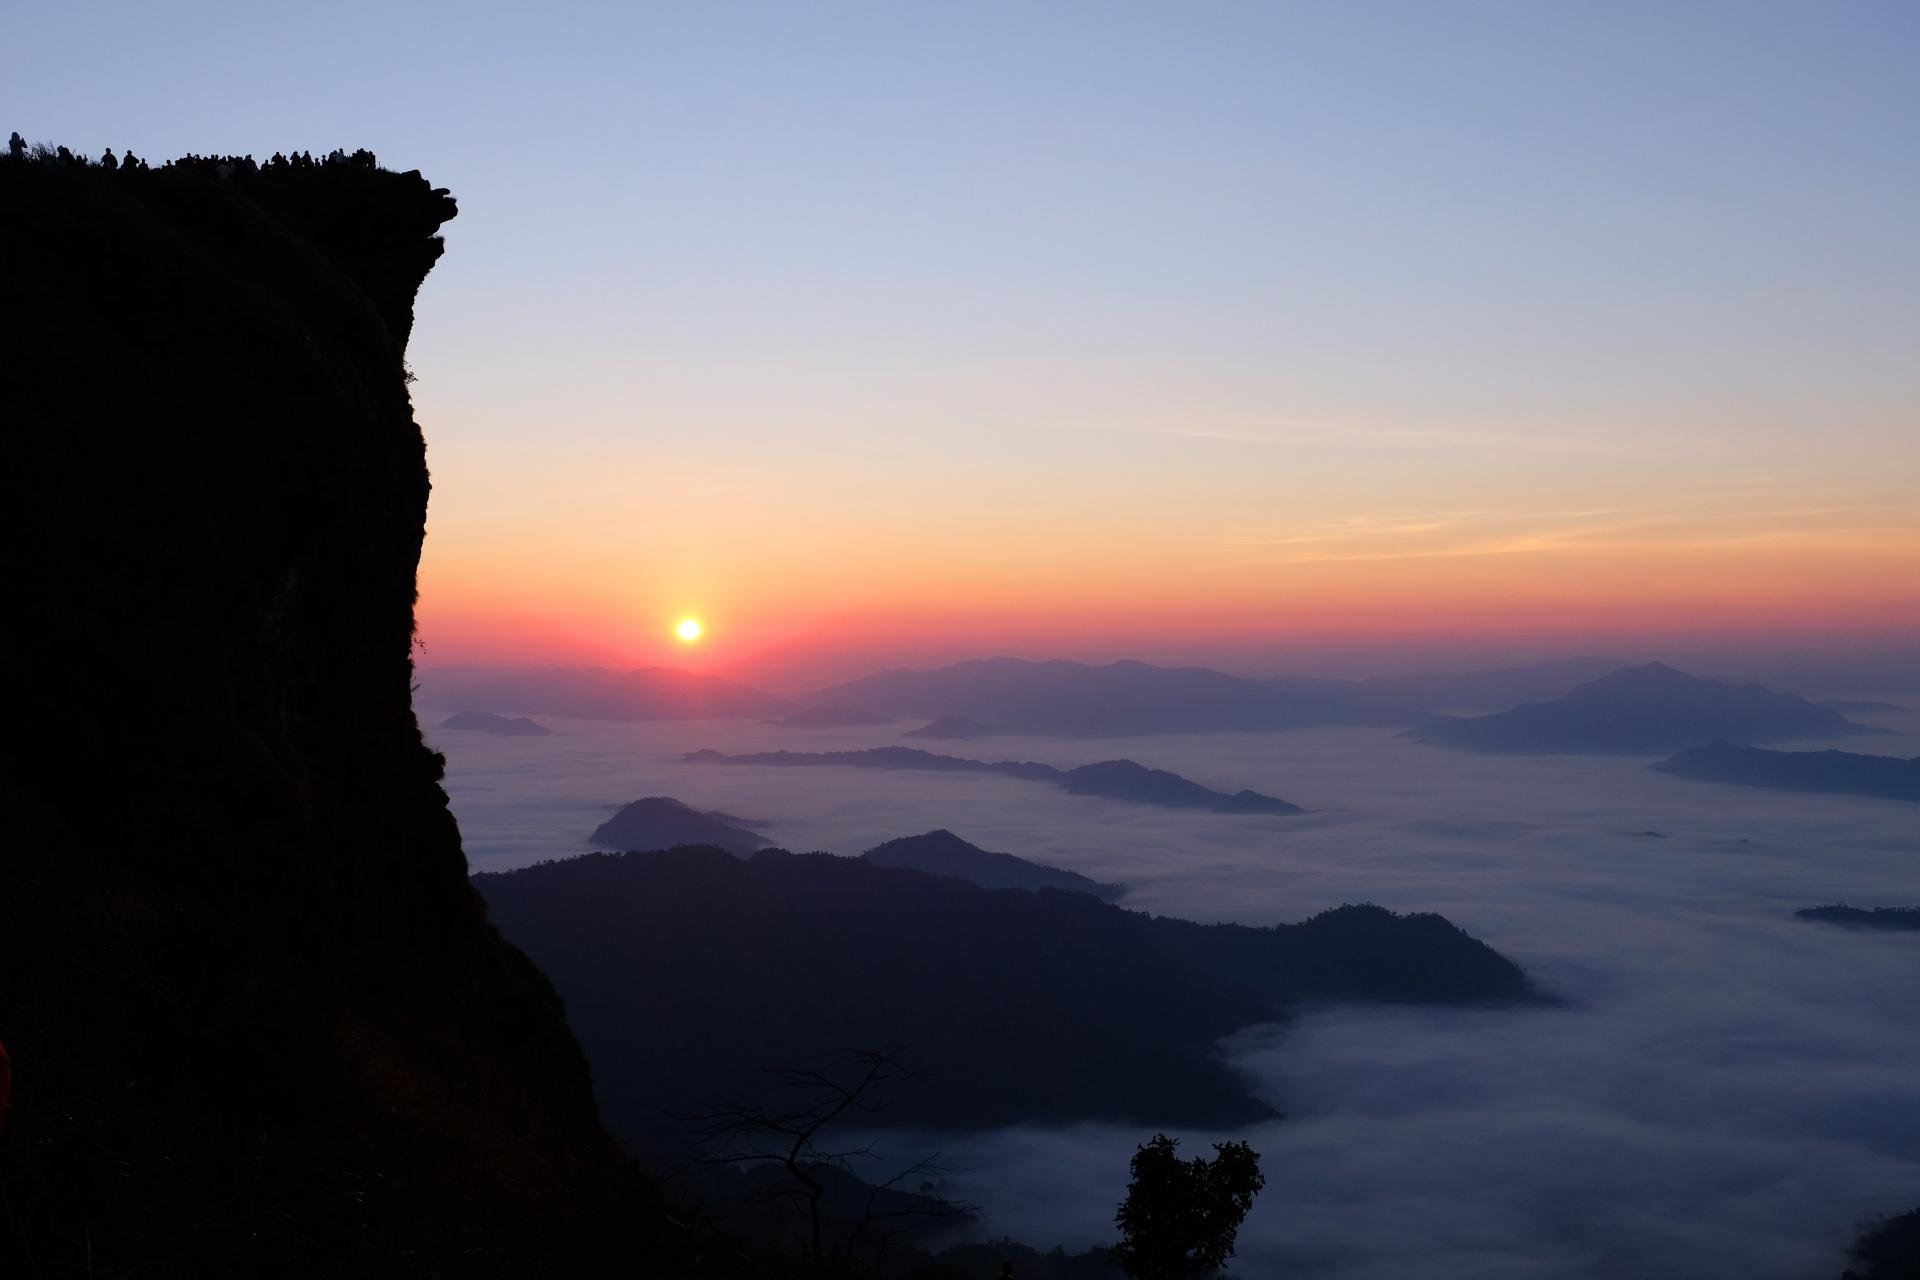 プーチーファーの日の出 タイの風景